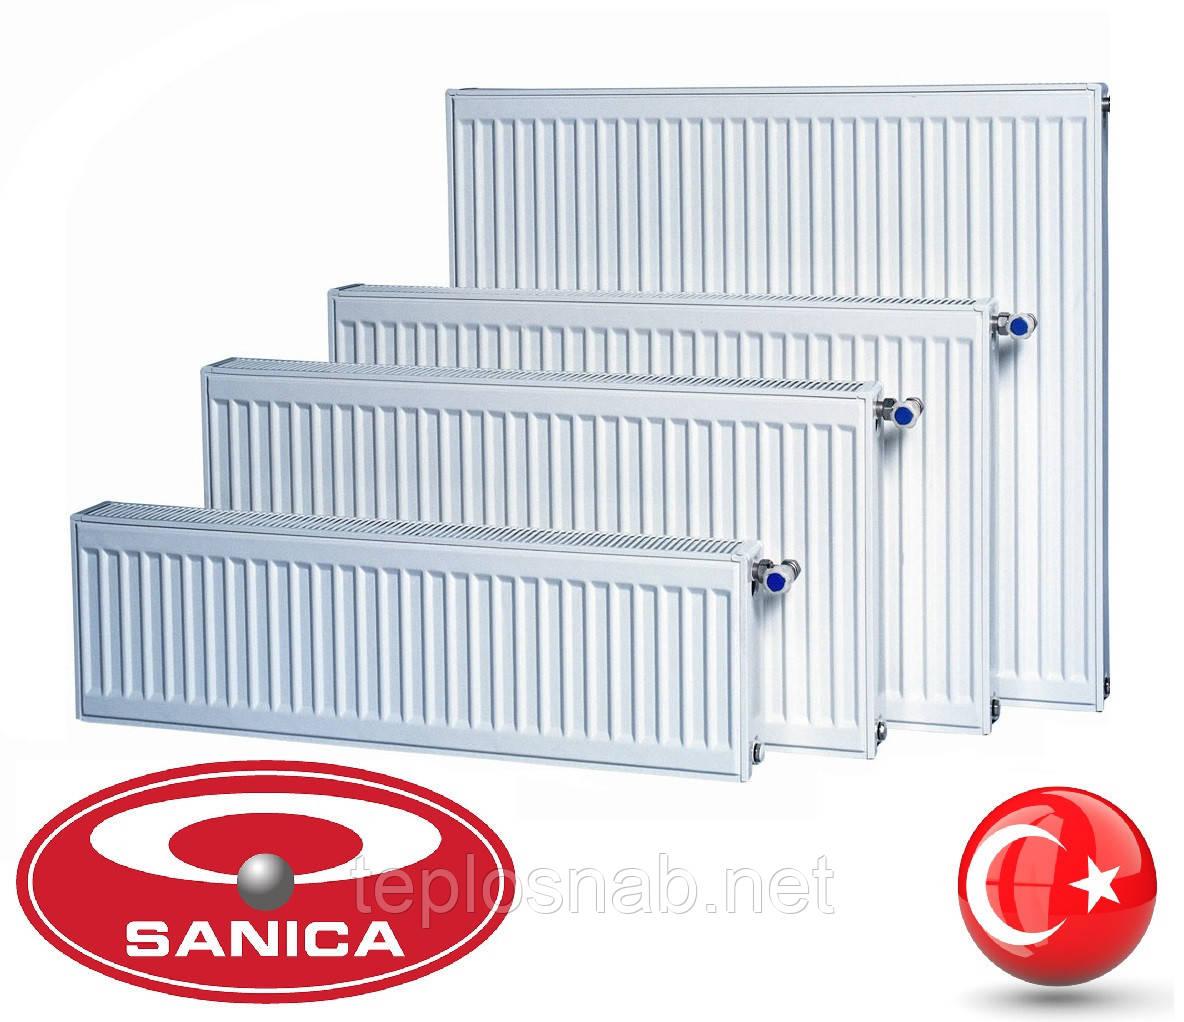 Стальной радиатор Sanica 22 тип (300 х 900 мм) / 1143 Вт